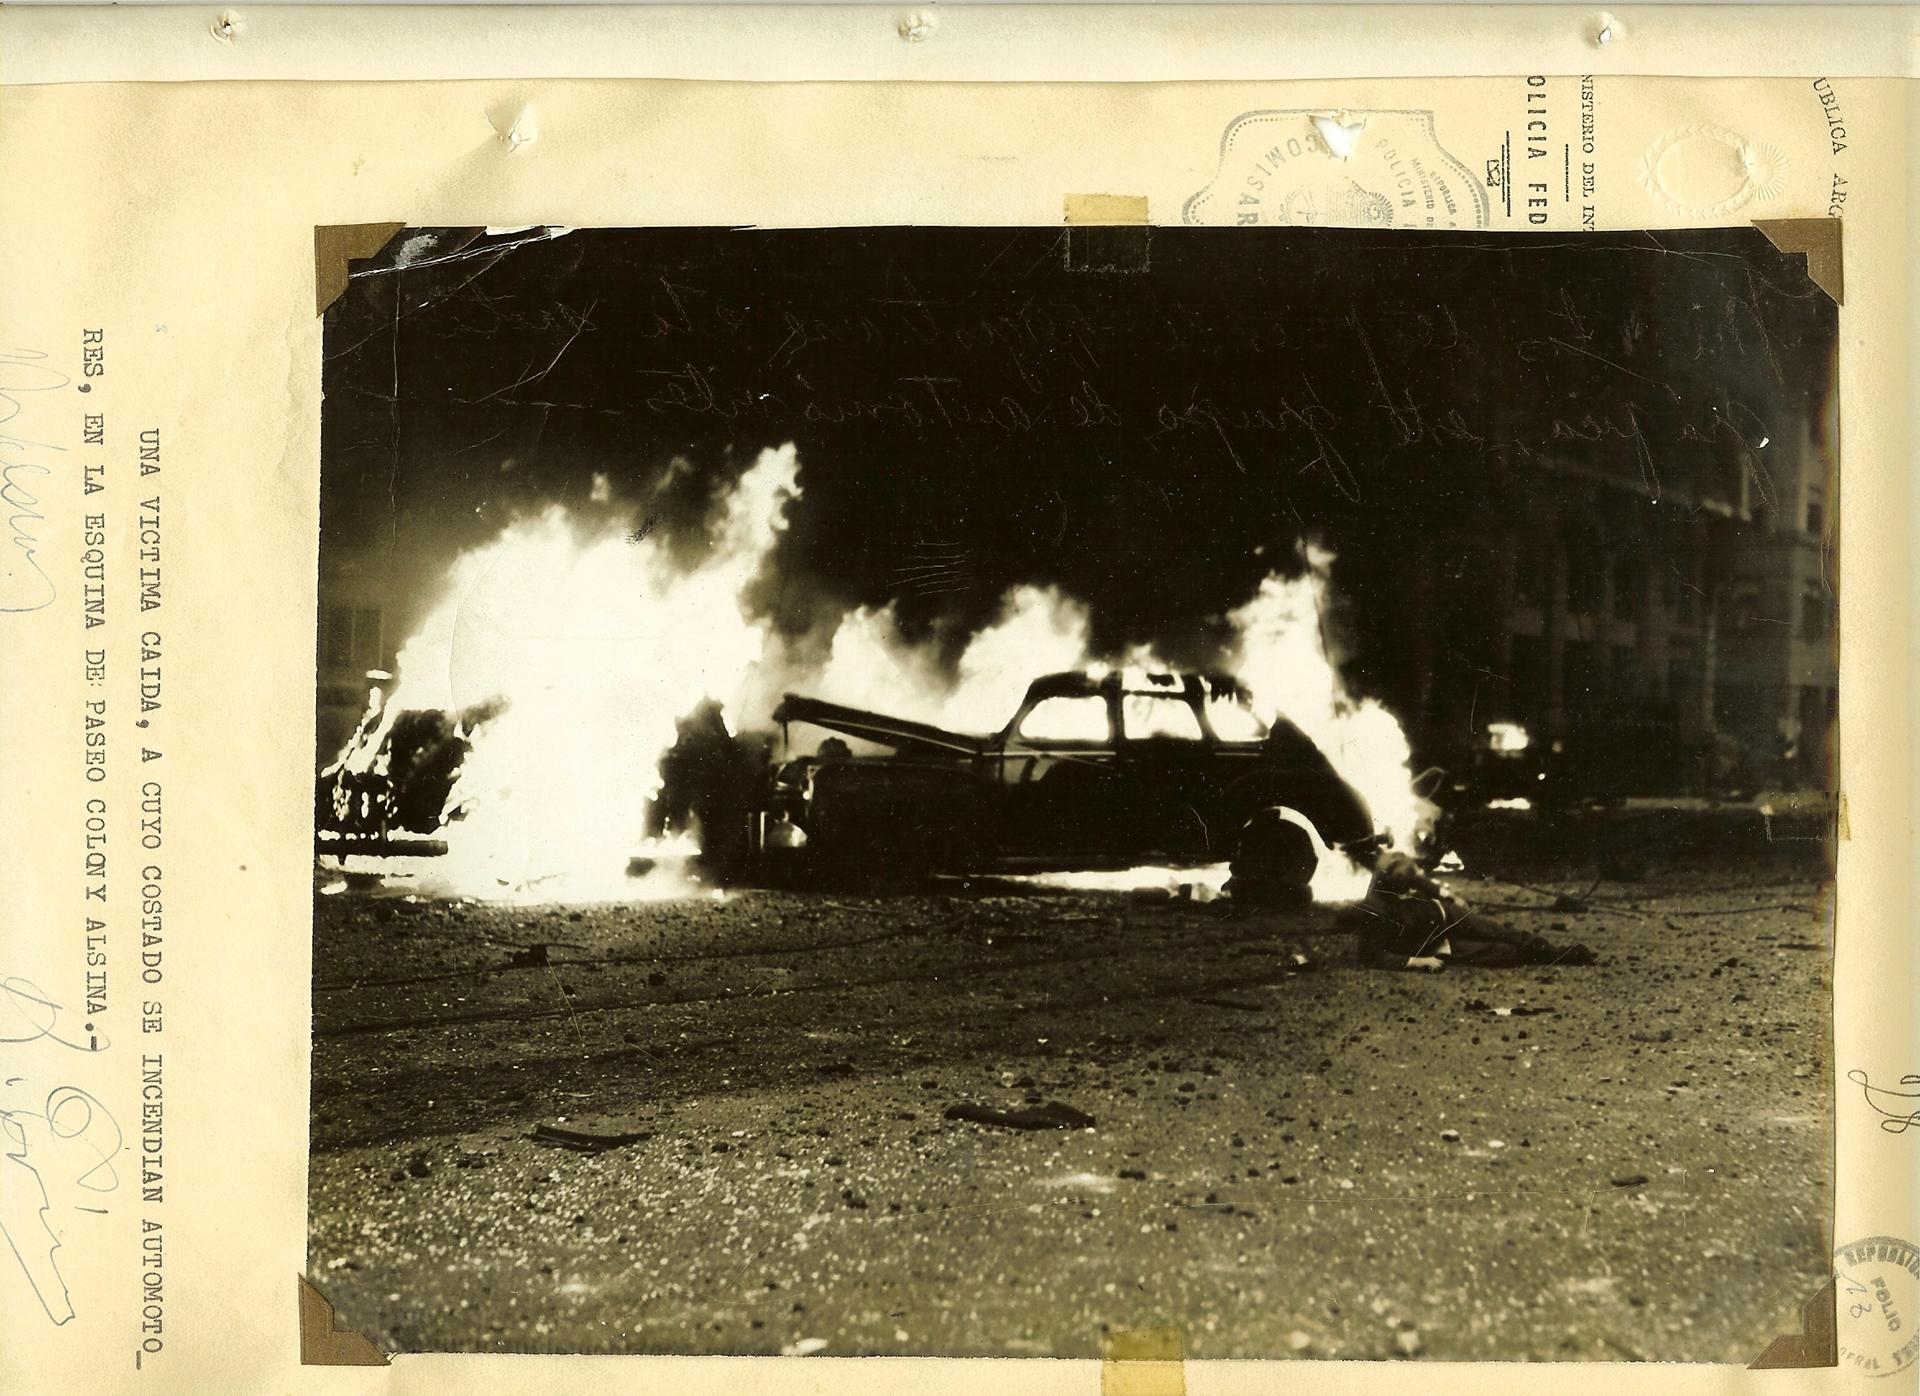 Un auto incendiado y una de los centenares de víctimas de los bombardeos sobre civiles, policías e integrantes del Ejército.